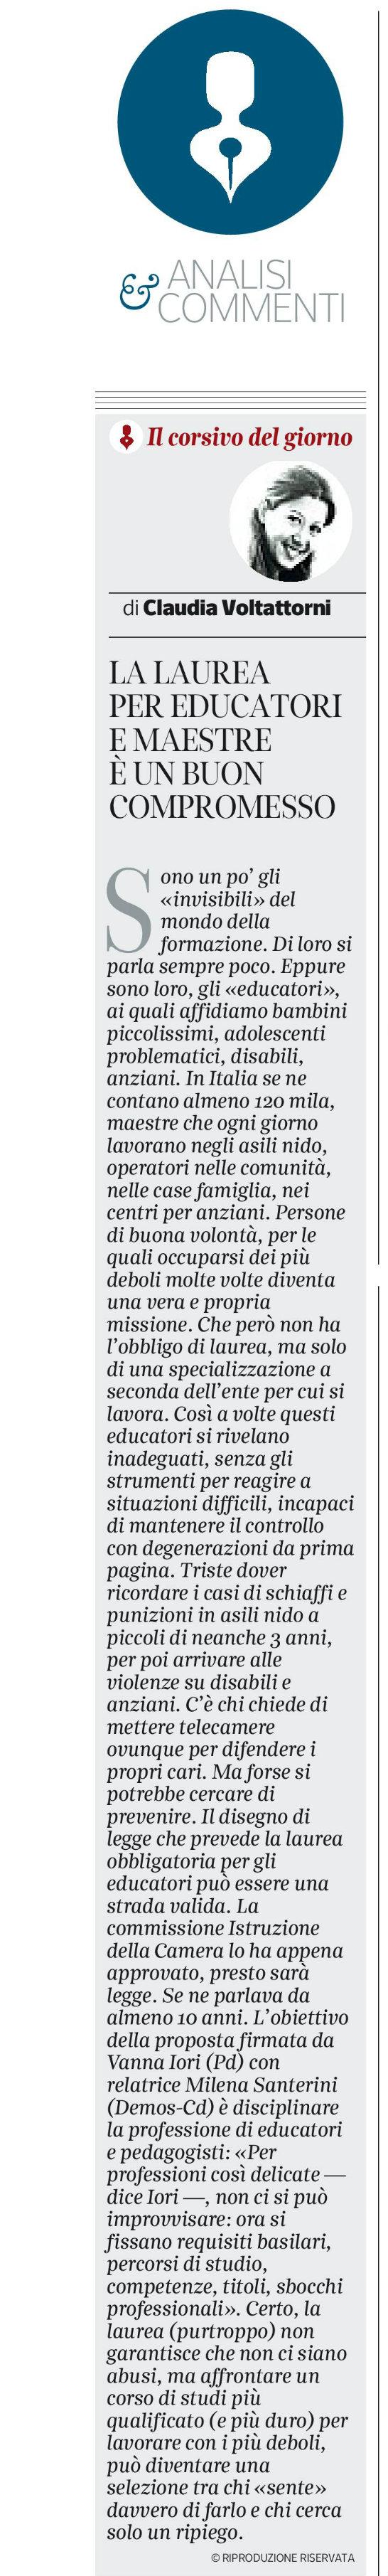 corriere_della_sera_legge_educatori_vanna_iori_2_aprile_2016_bl